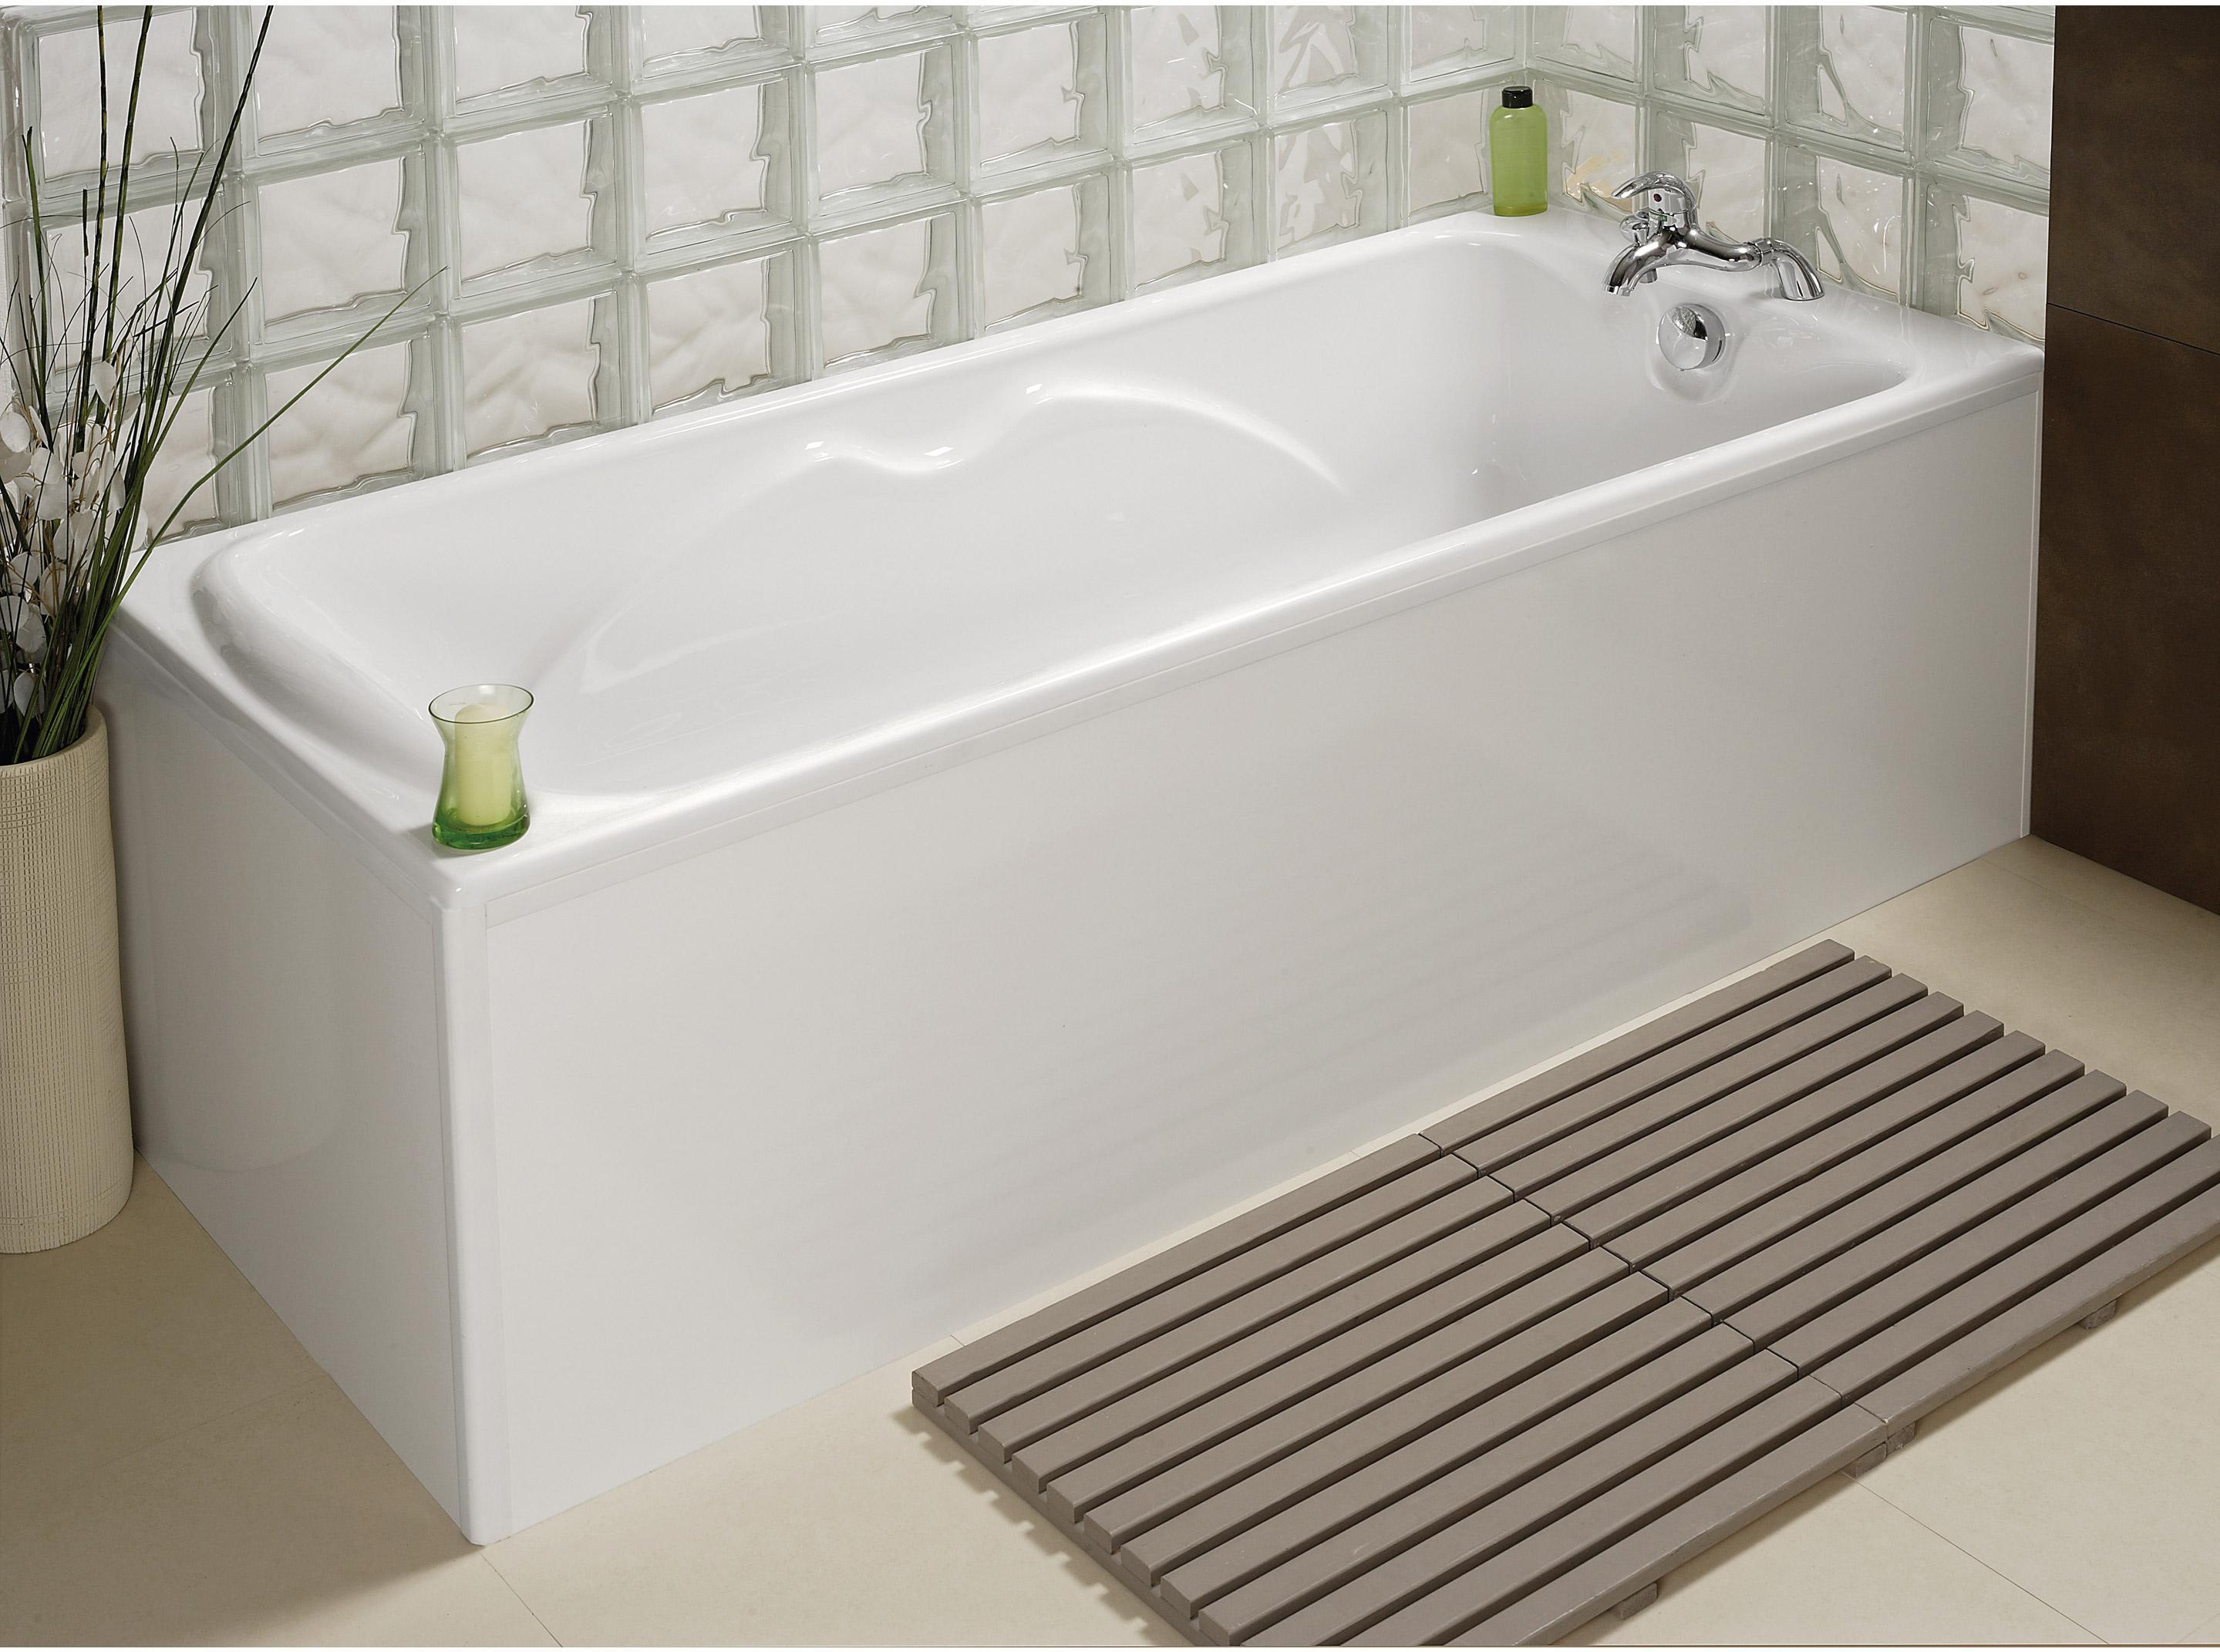 Decoration Tablier De Baignoire tablier de baignoire tablier de baignoire clip's l.175.5 x l.54 cm blanc,  allibe